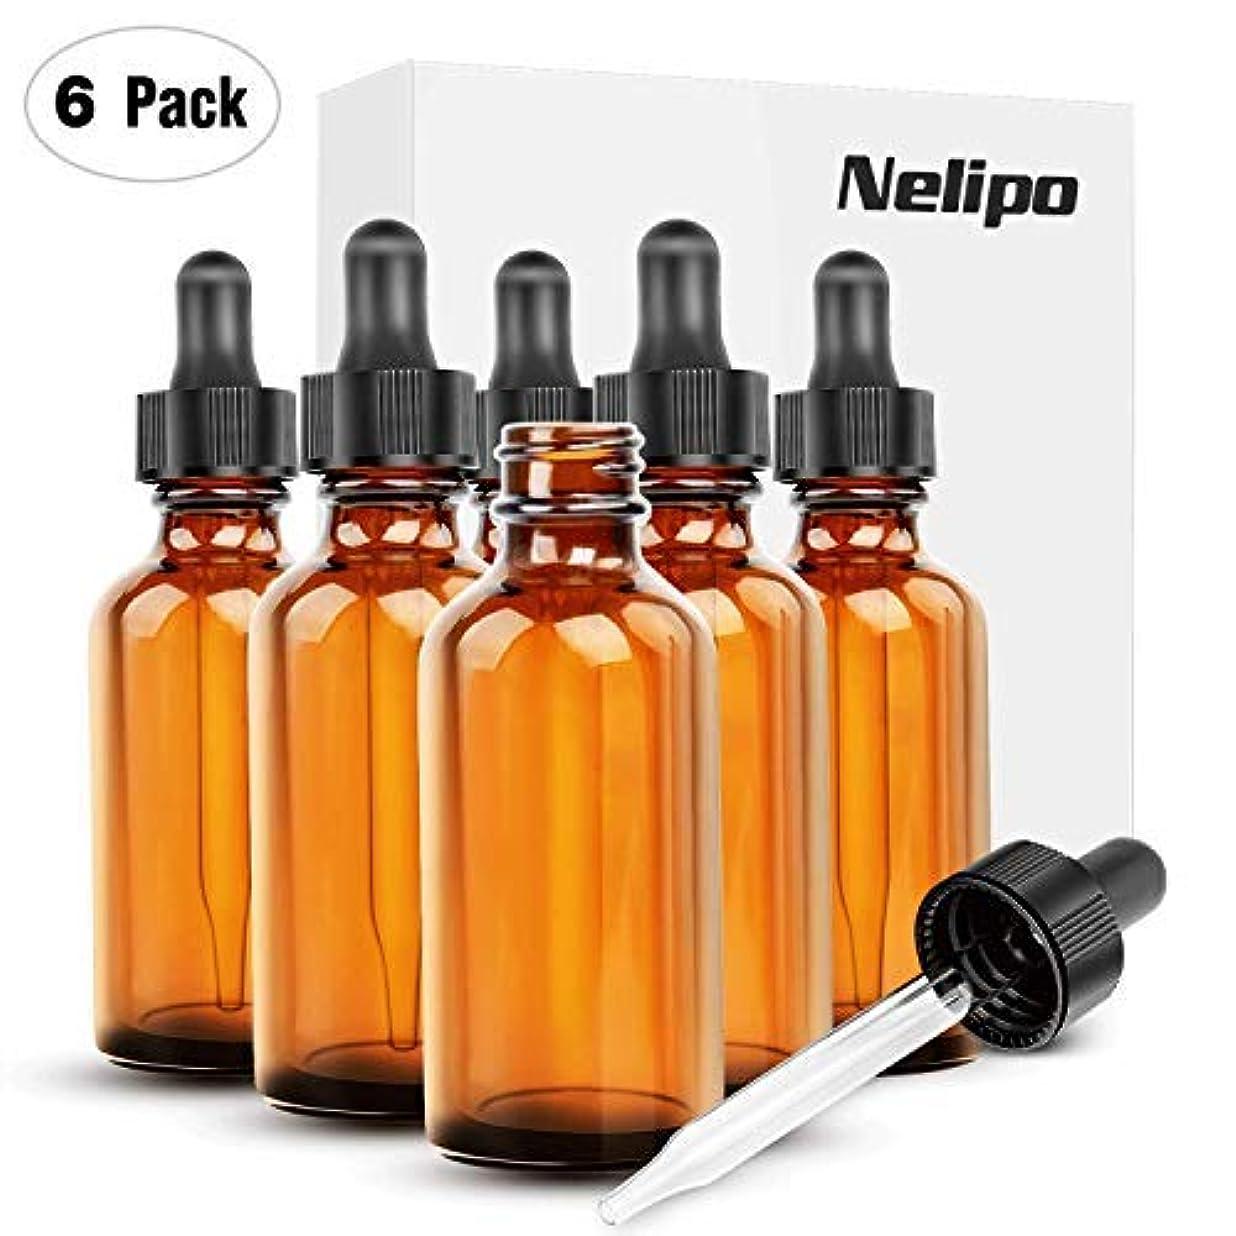 魅力的であることへのアピール救い十億Nelipo 2oz Amber Glass Bottles for Essential Oils with Glass Eye Dropper - Pack of 6 [並行輸入品]